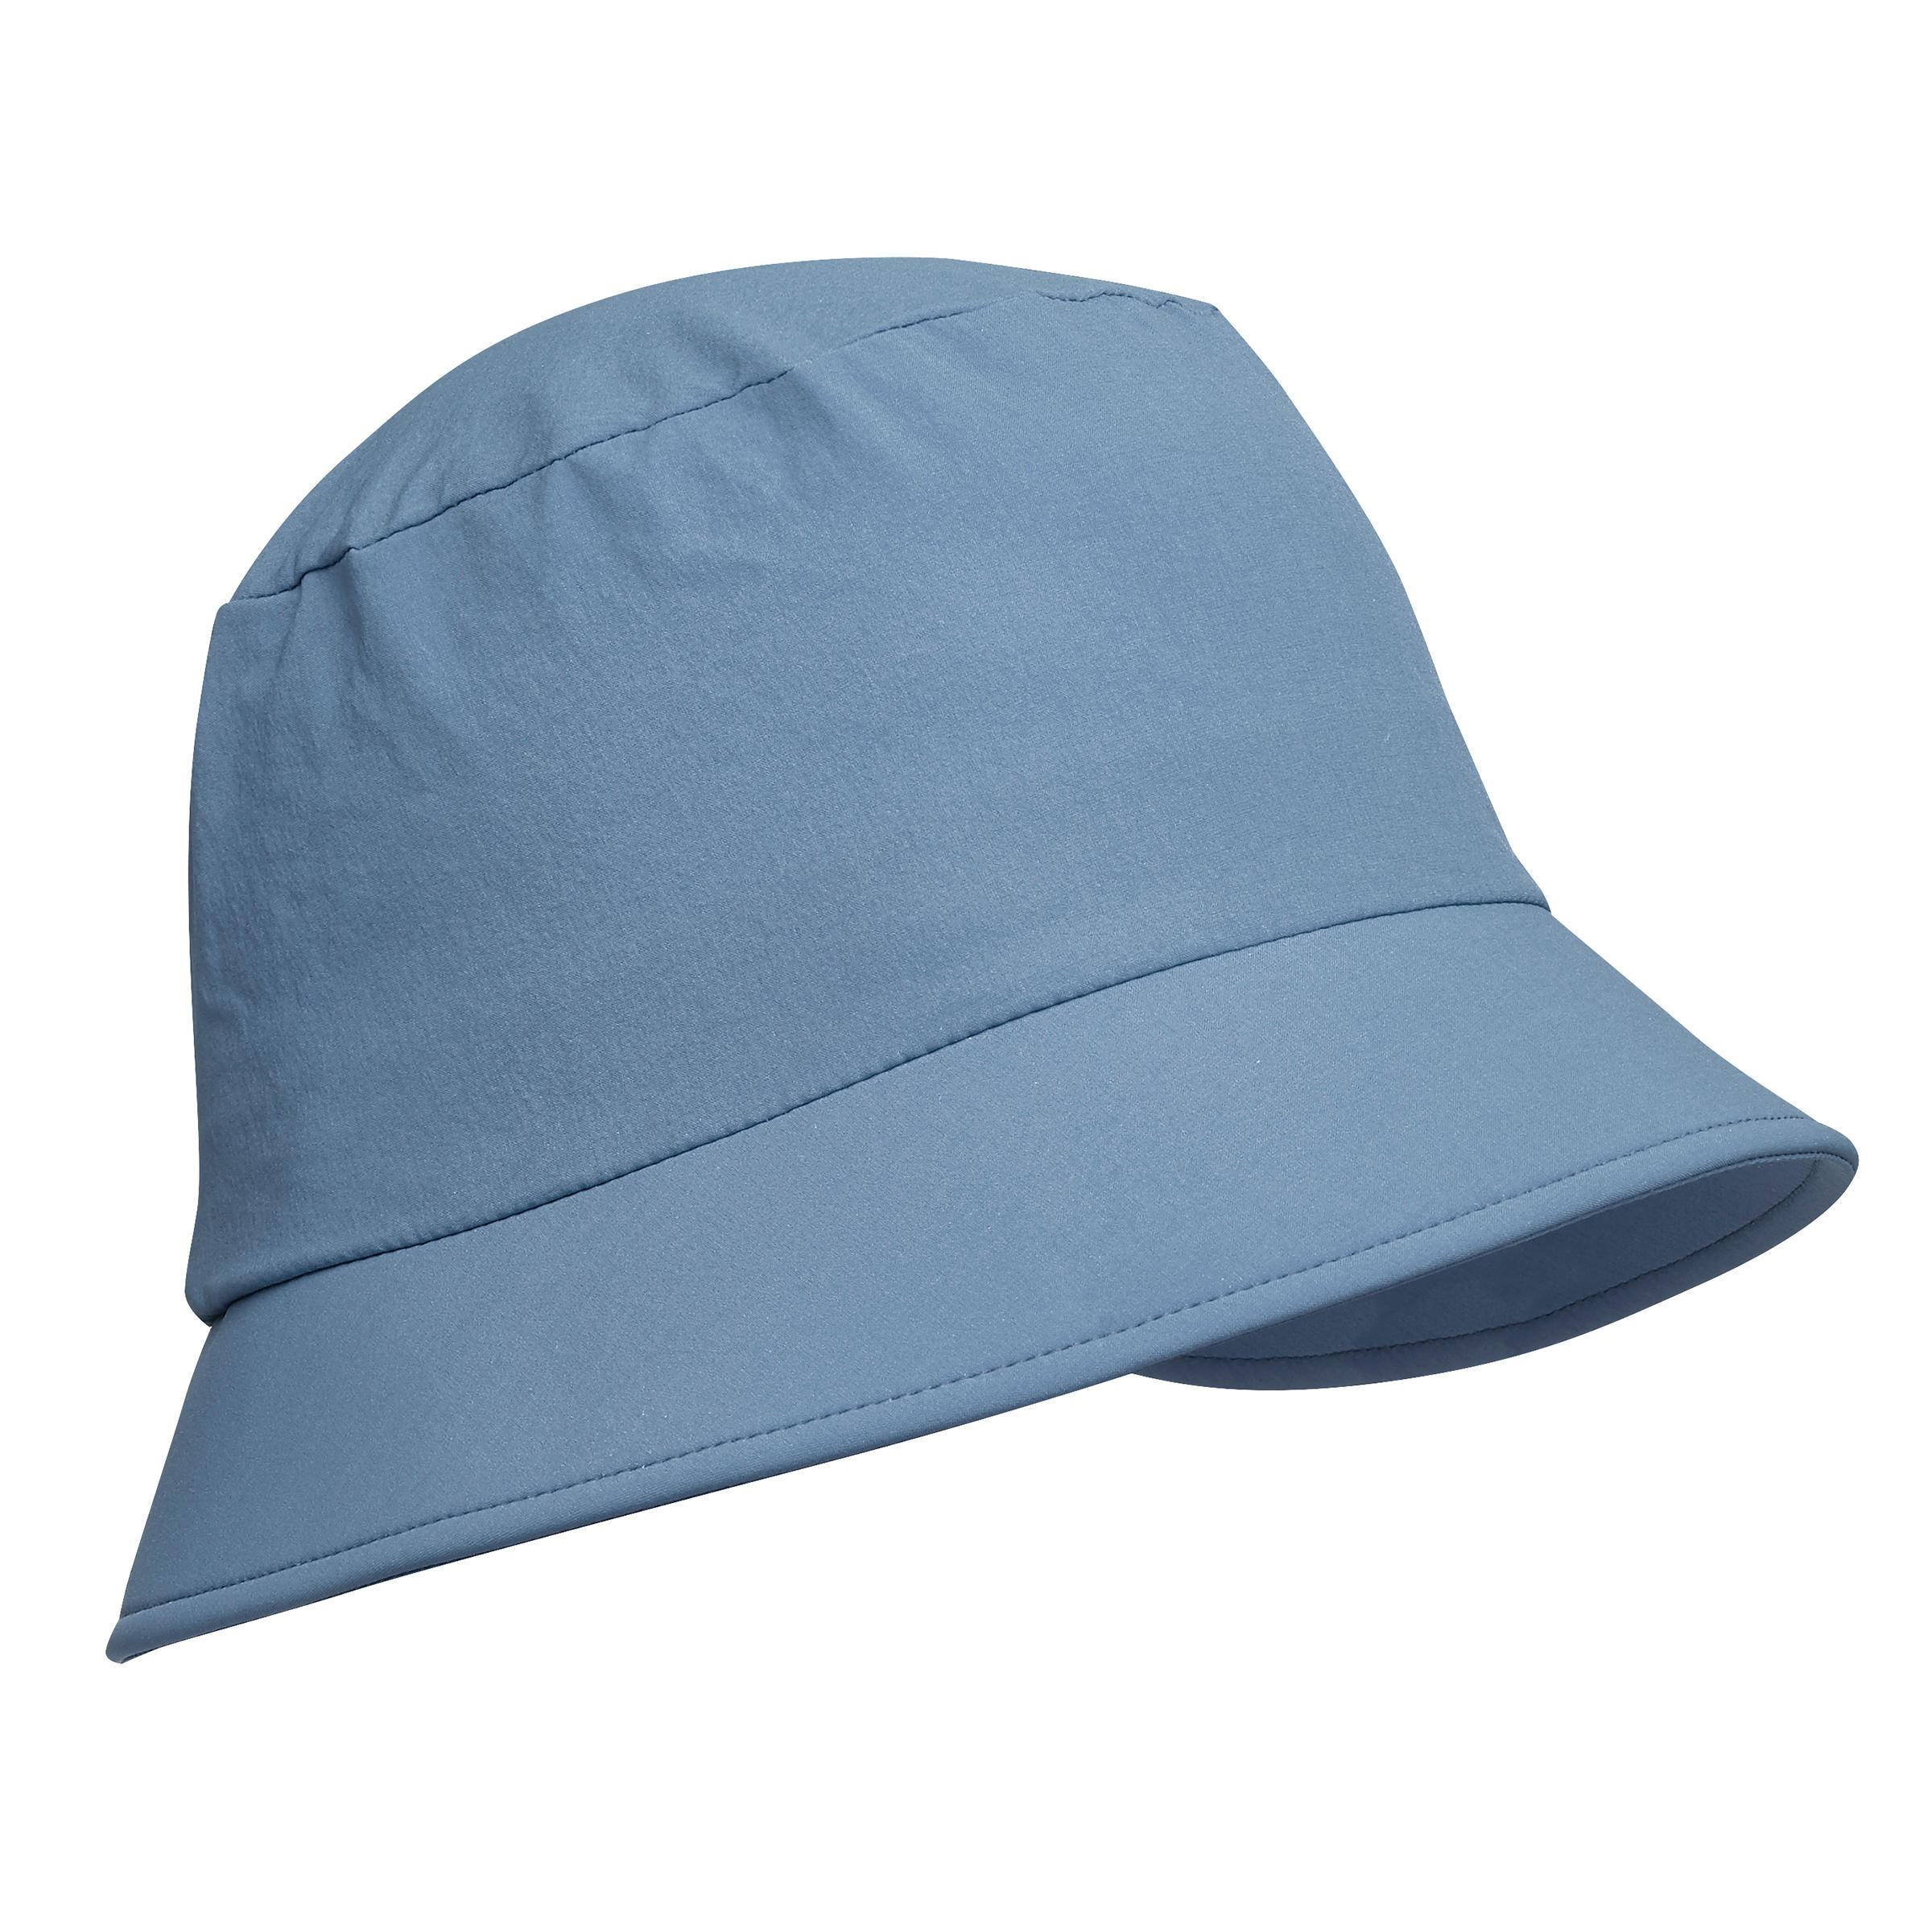 Sombrero de Trekking en montaña TREK 100 azul